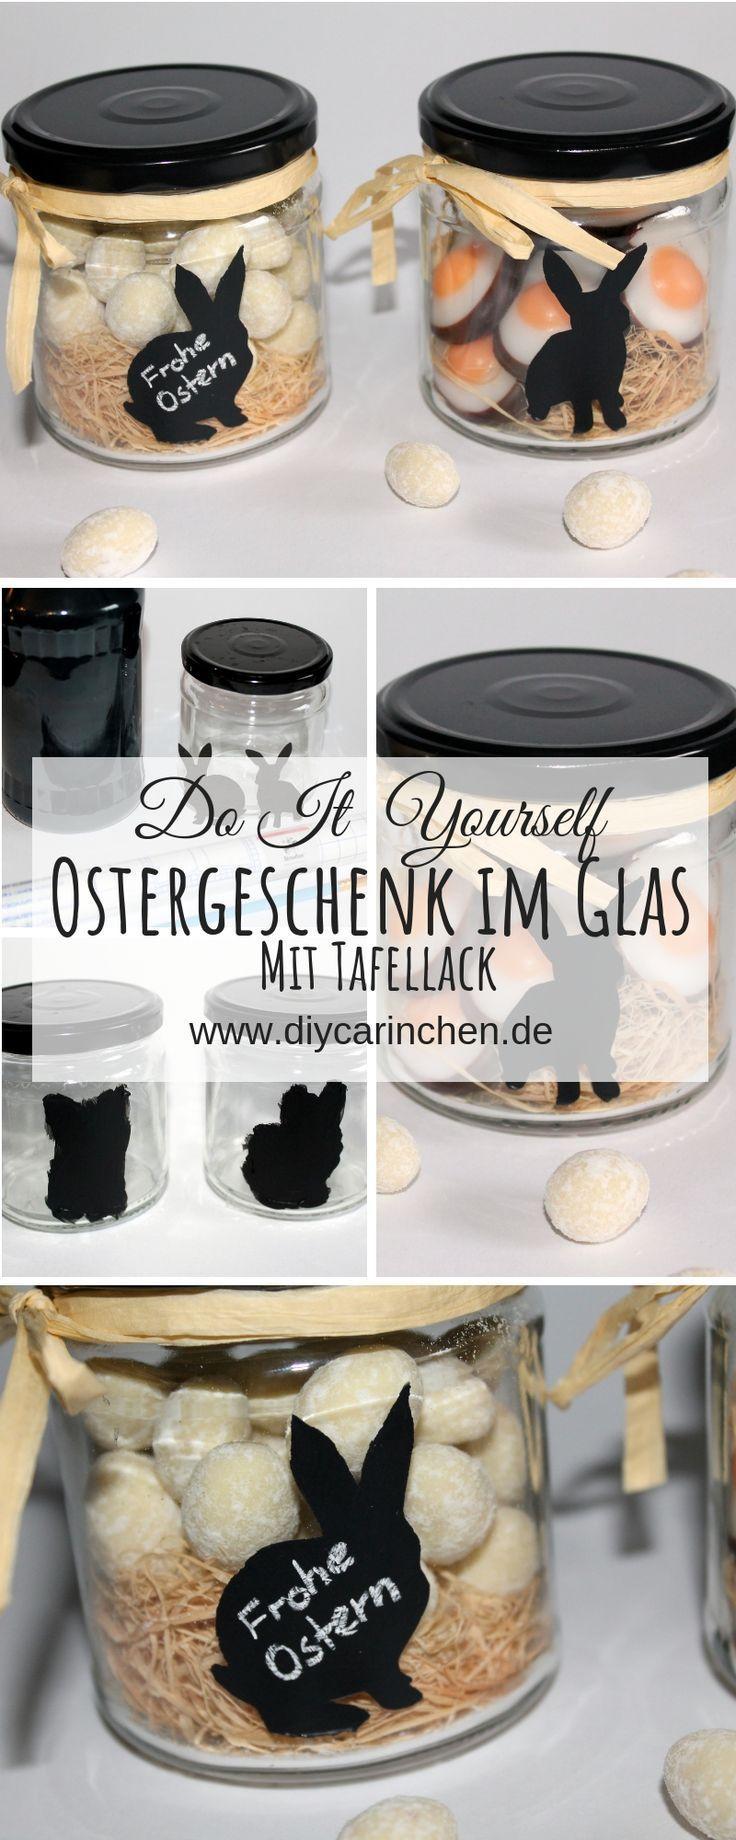 Diy Vorratsglaser Mit Tafellackhasen Upcycling Ganz Einfach Selbermachen In 2020 Diy Geschenke Im Glas Backzutaten Geschenke Im Glas